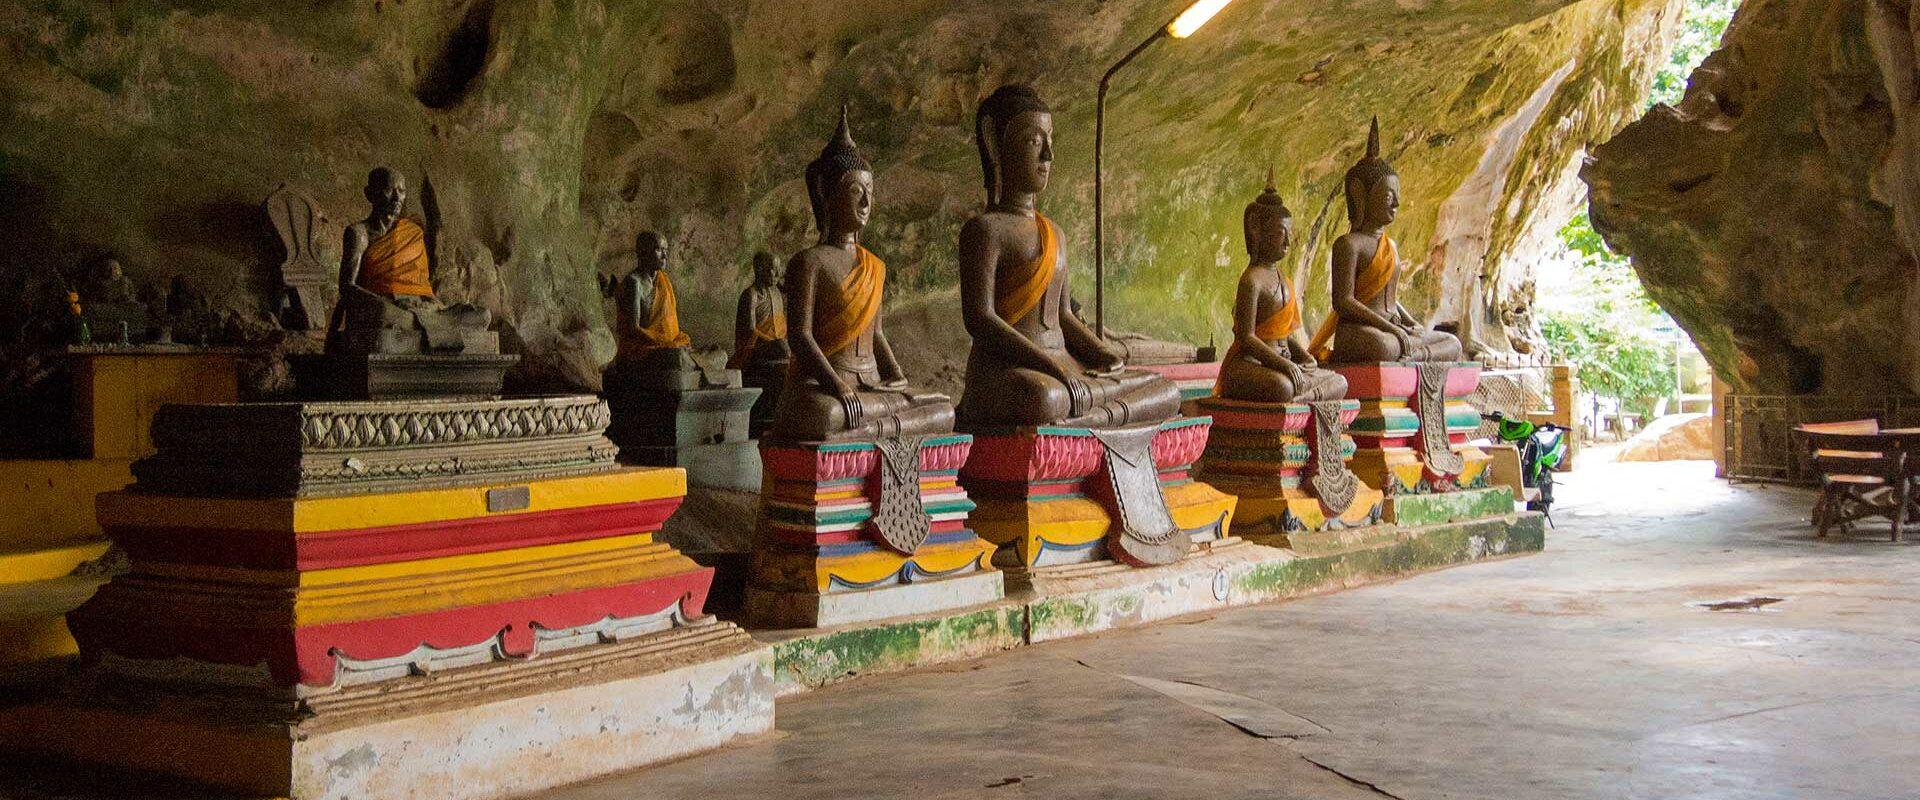 Buddhist Temples of Phang Nga